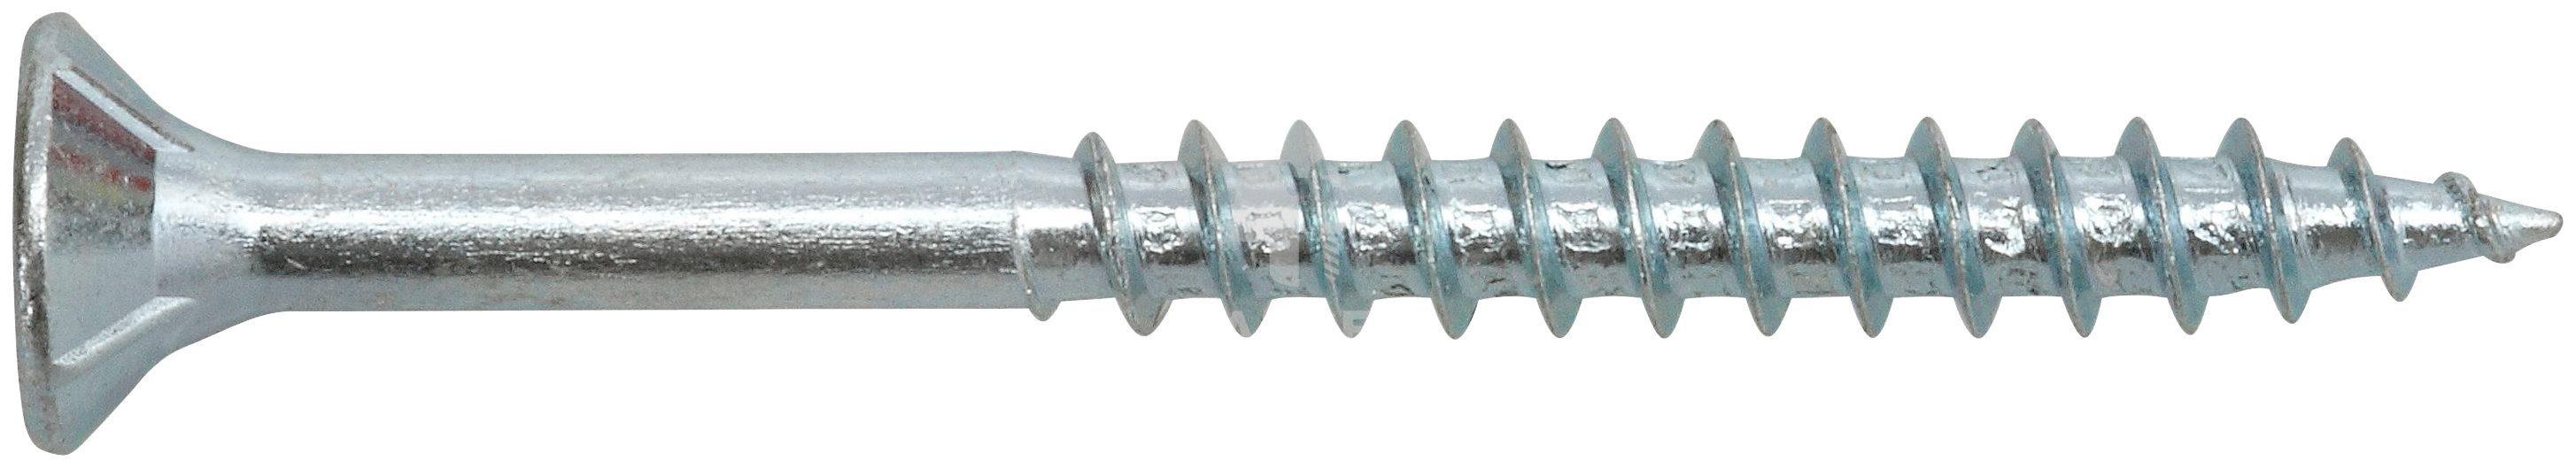 RAMSES Schrauben , Spanplattenschrauben 6 x 40 mm 100 Stk.